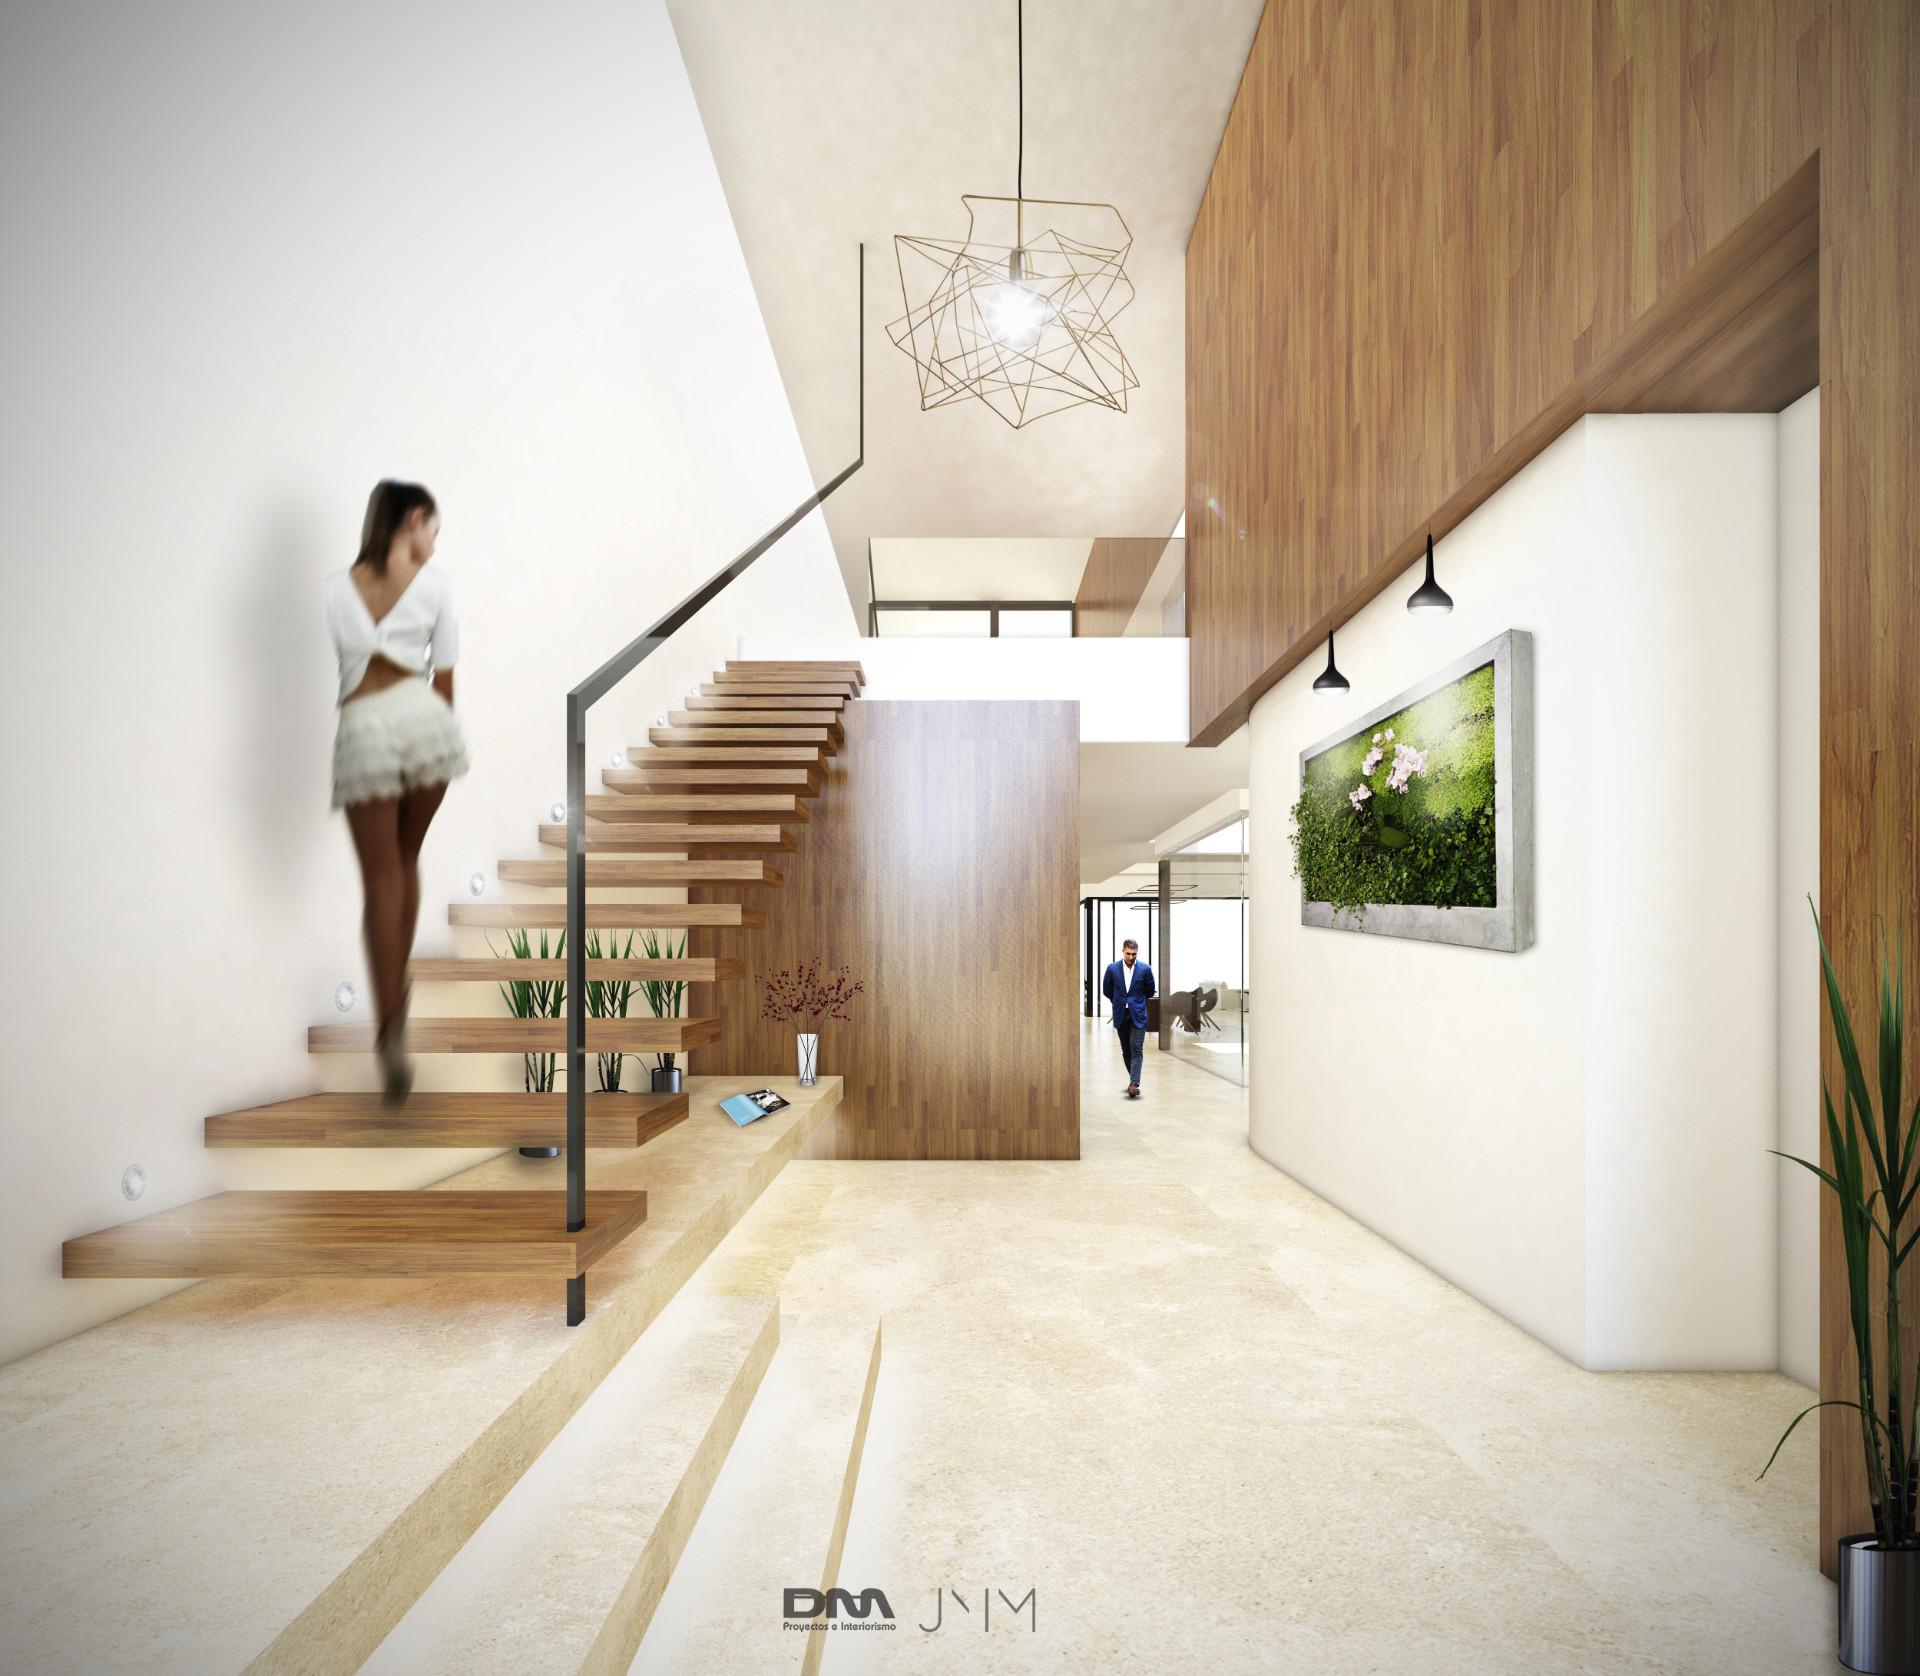 proyectos-interiorismo-interioristas-diseno-interiores-viviendas-particulares-chalets-adosados-lujo-21